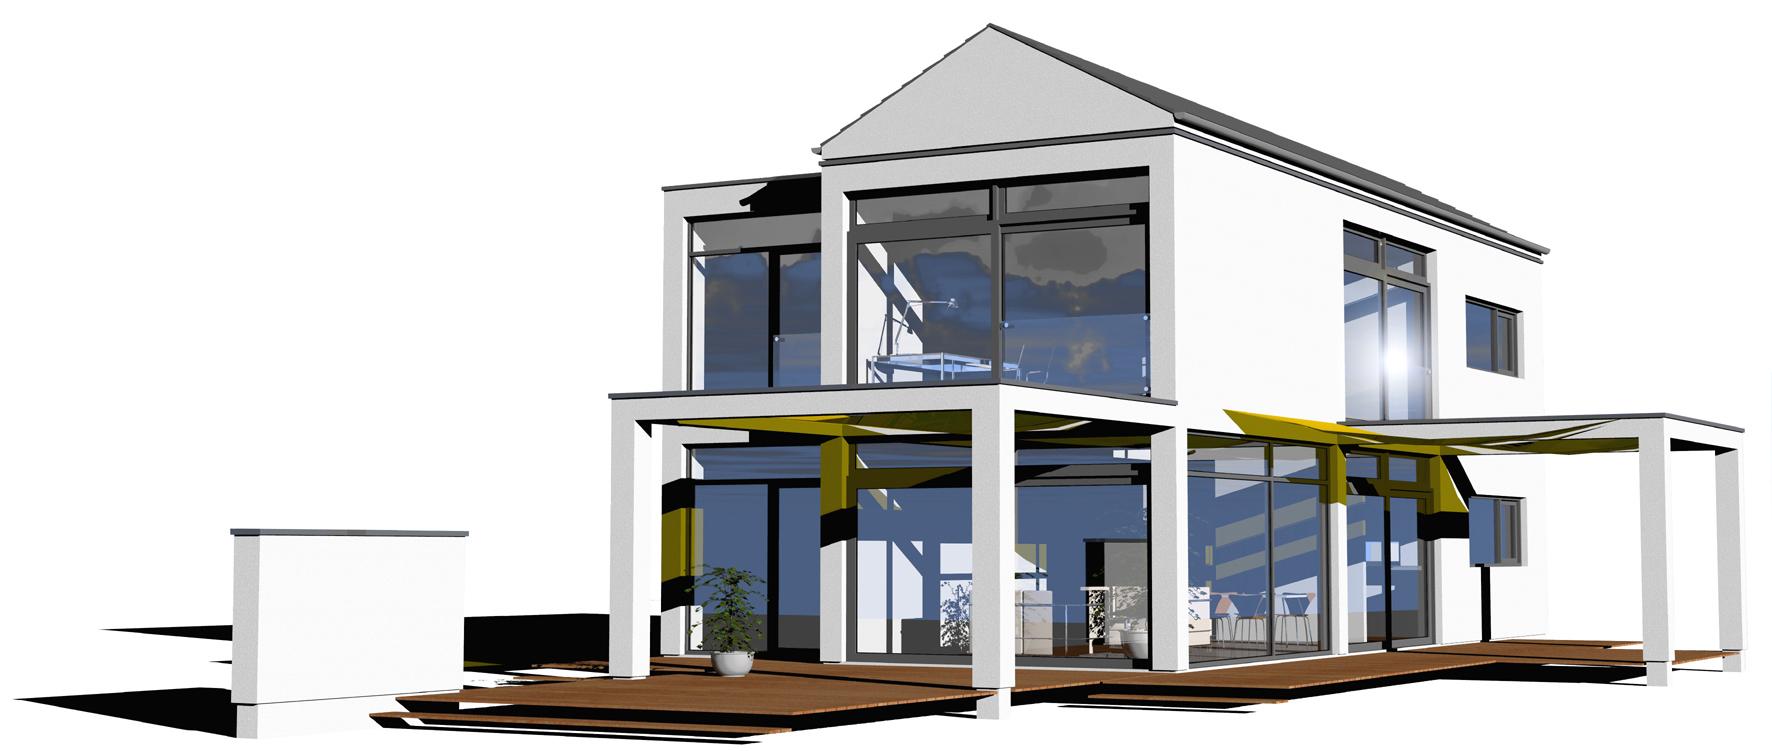 Das Haus Der Zukunft Moderne Architektur Mit Viel Glas